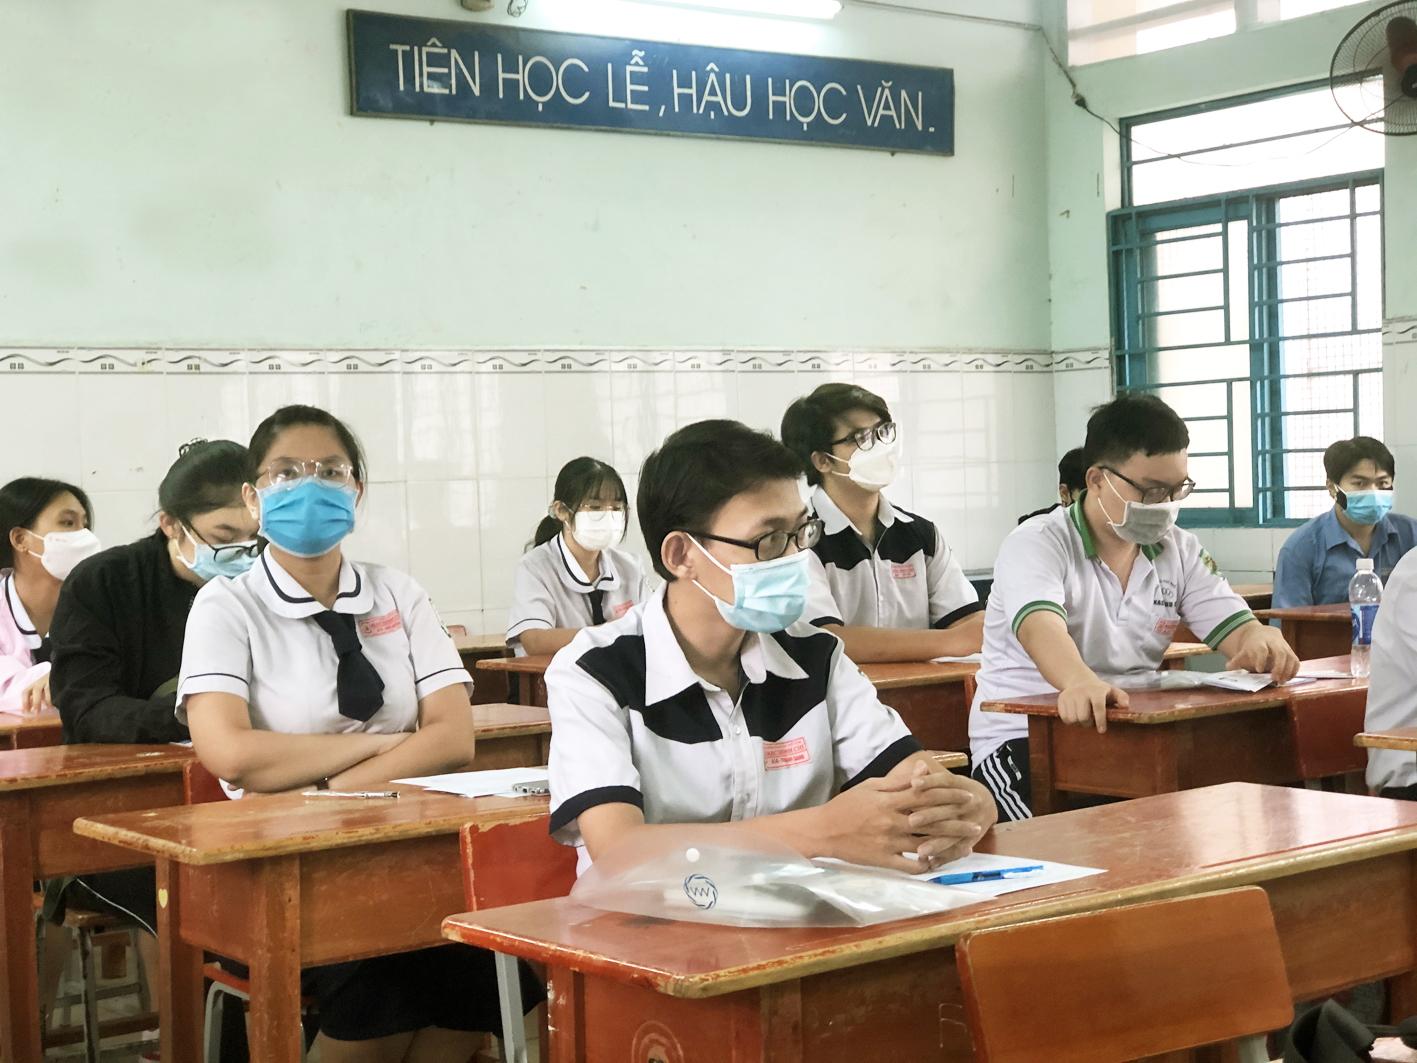 Thí sinh dự thi tốt nghiệp THPT đợt một tại TP.HCM - ẢNH: TIÊU HÀ